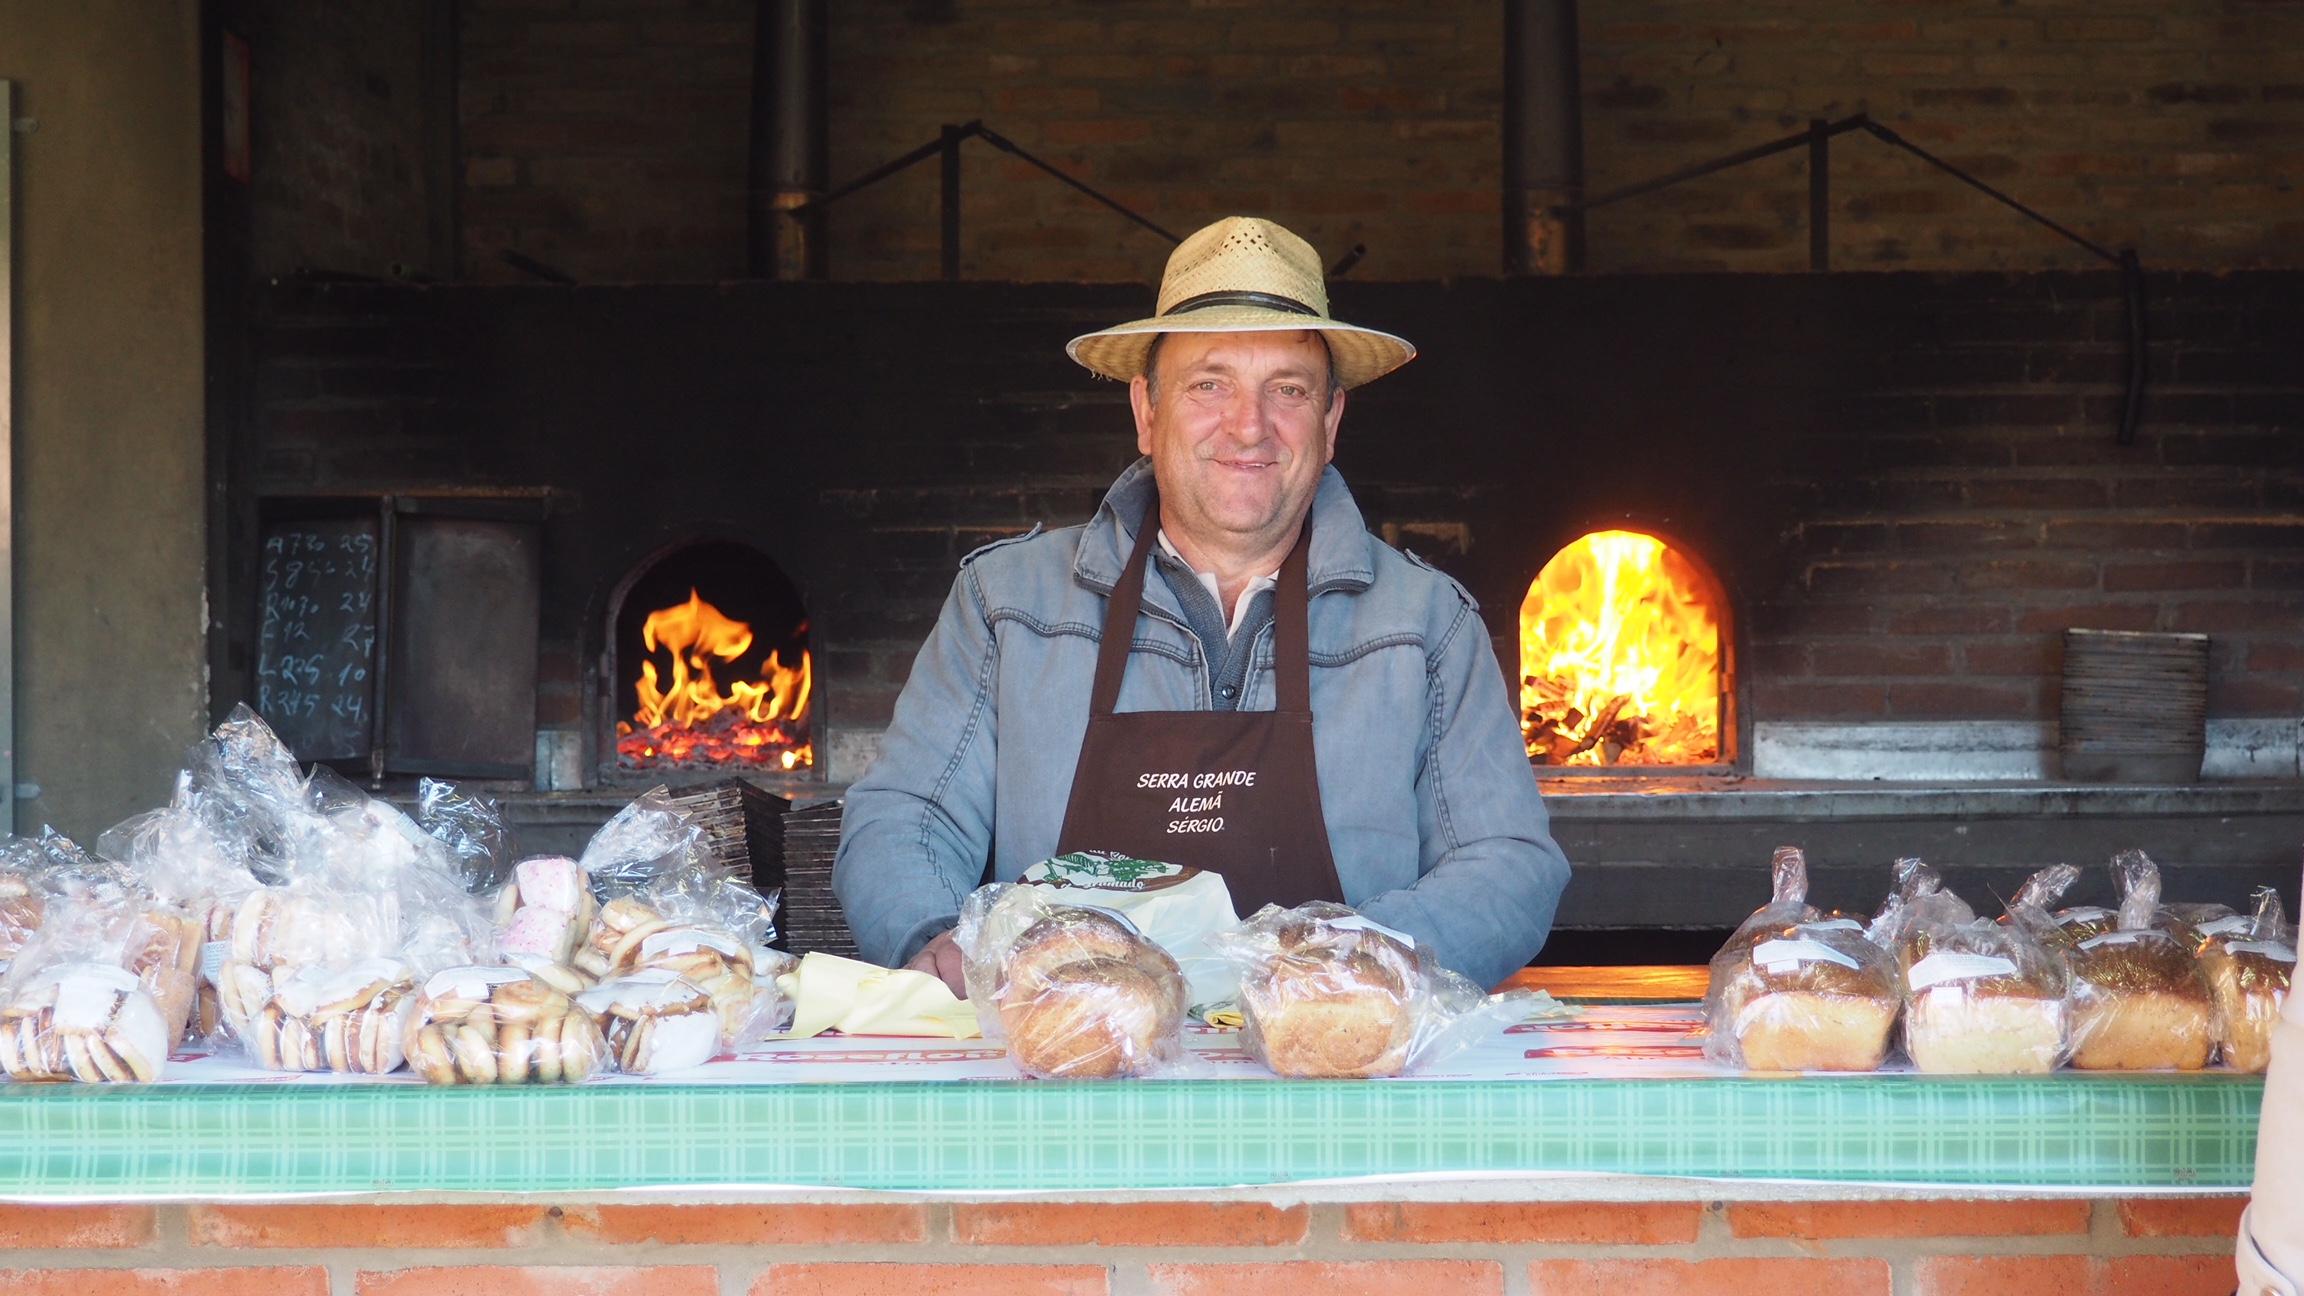 qué hacer en Gramado, visitar el parque de las naciones, donde se elabora pan artesanal, por ejemplo.